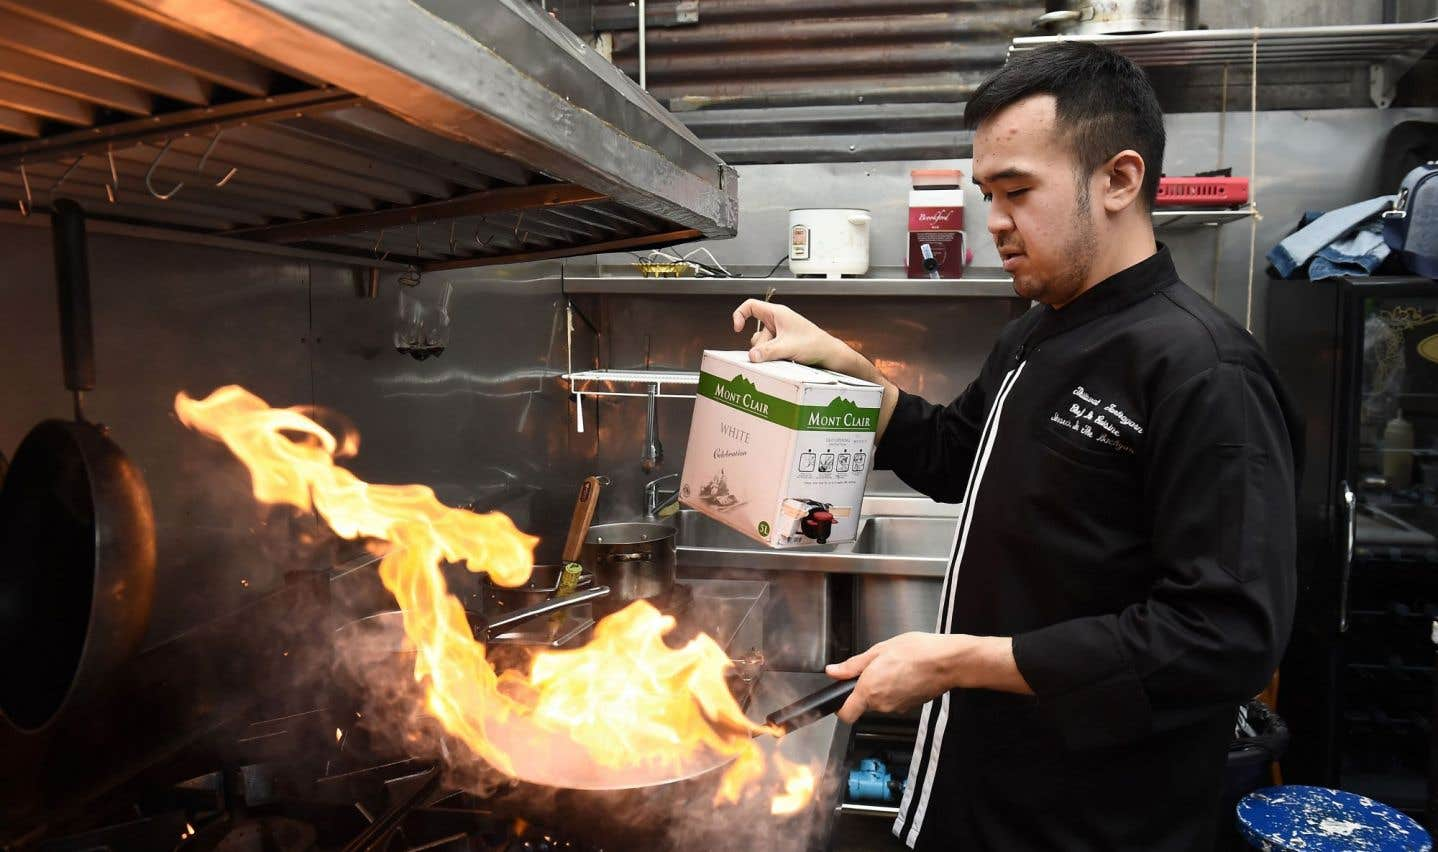 Dans la cuisine d'Insects in the Backyard, le restaurant qu'il a fondé, le chef Thitiwat Tantragarn prépare une de ses spécialités.